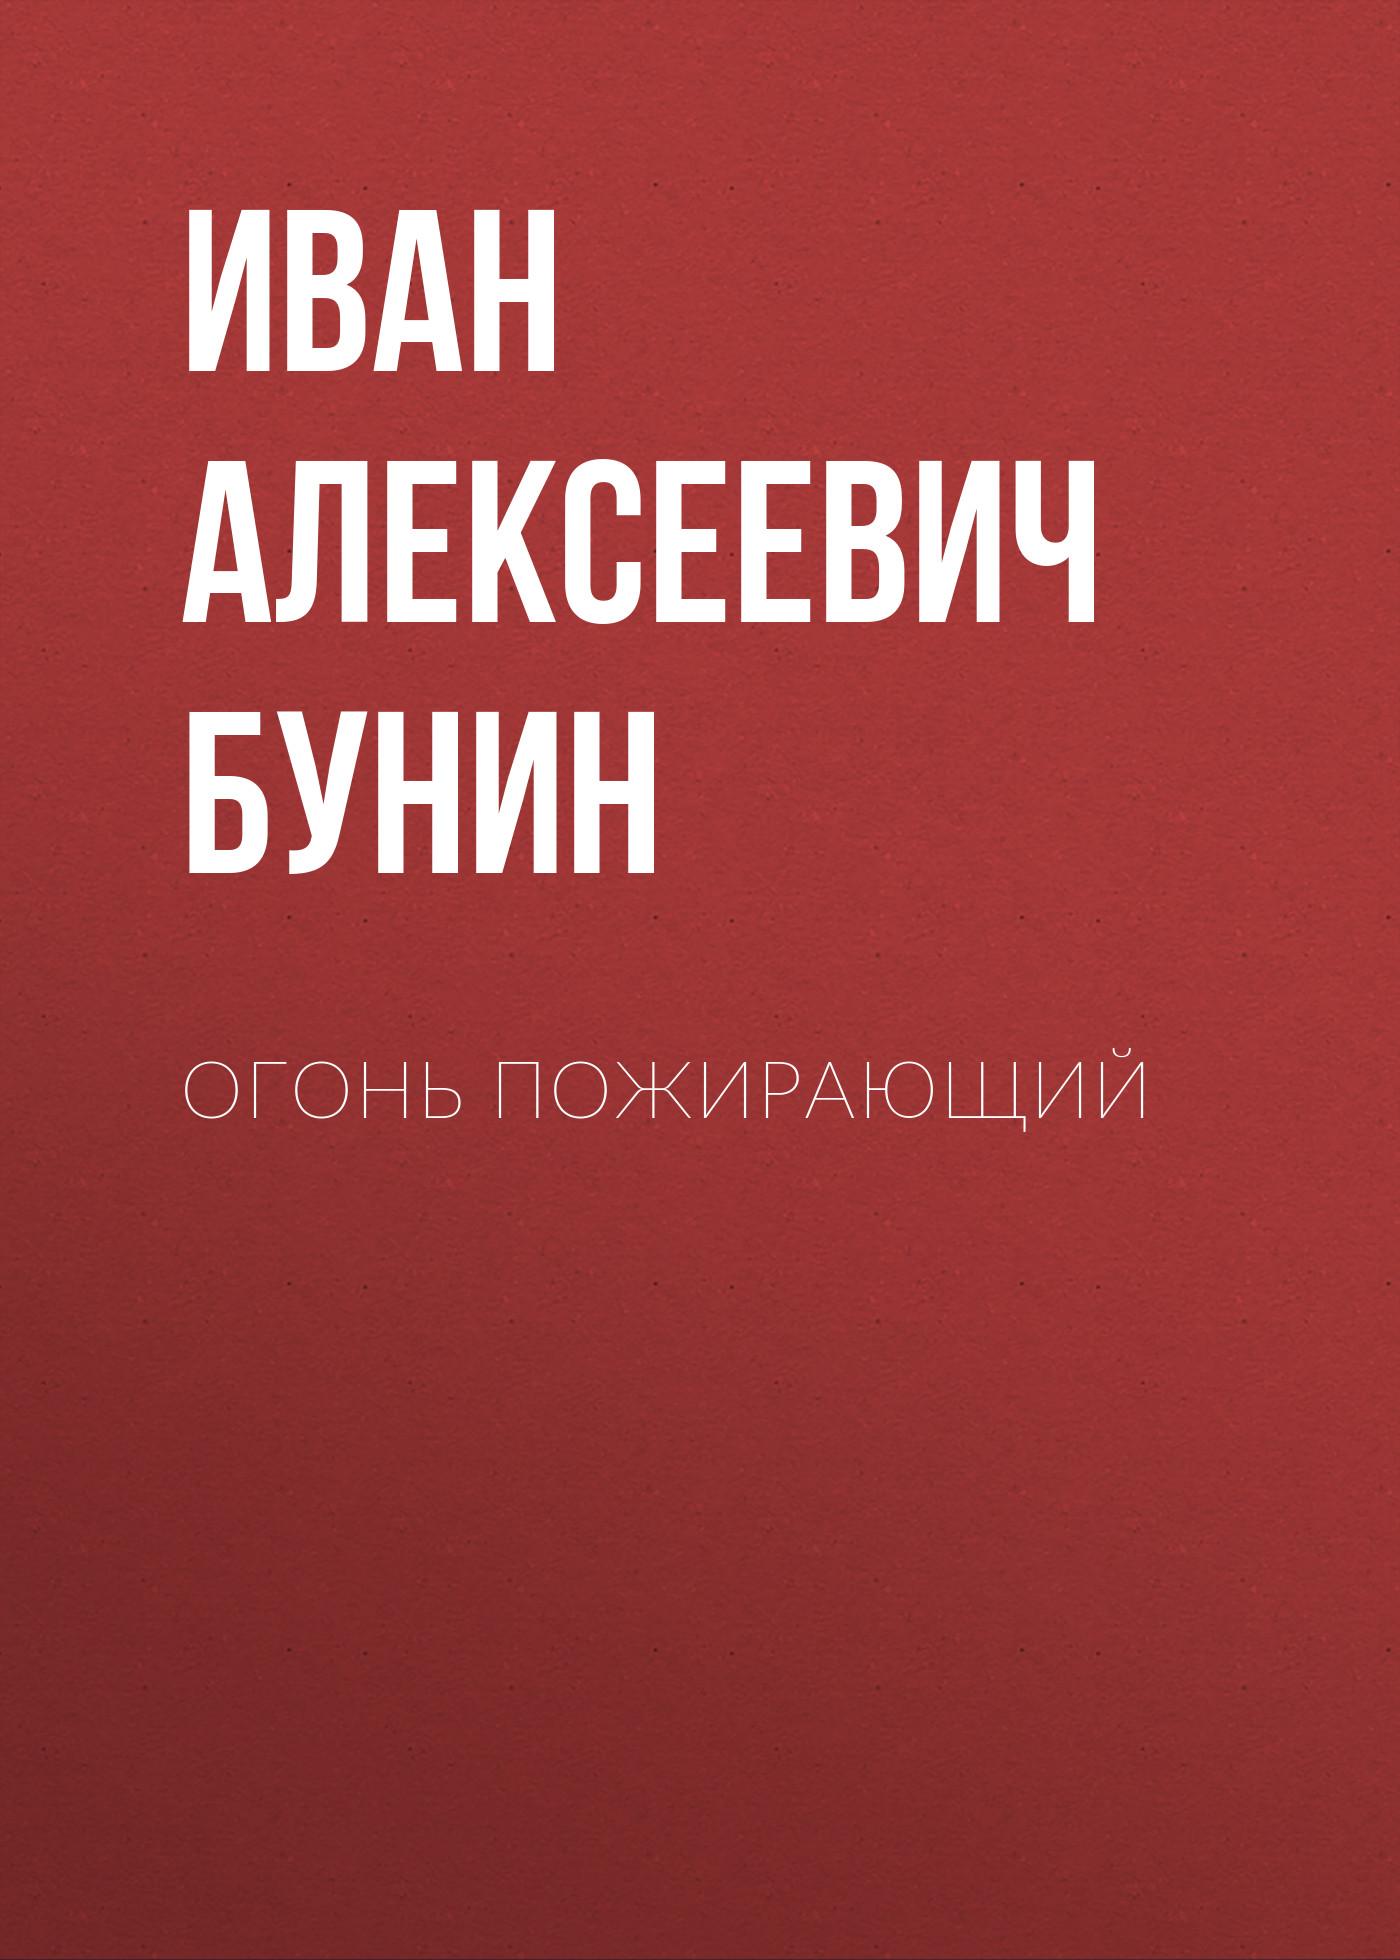 ogon pozhirayushchiy